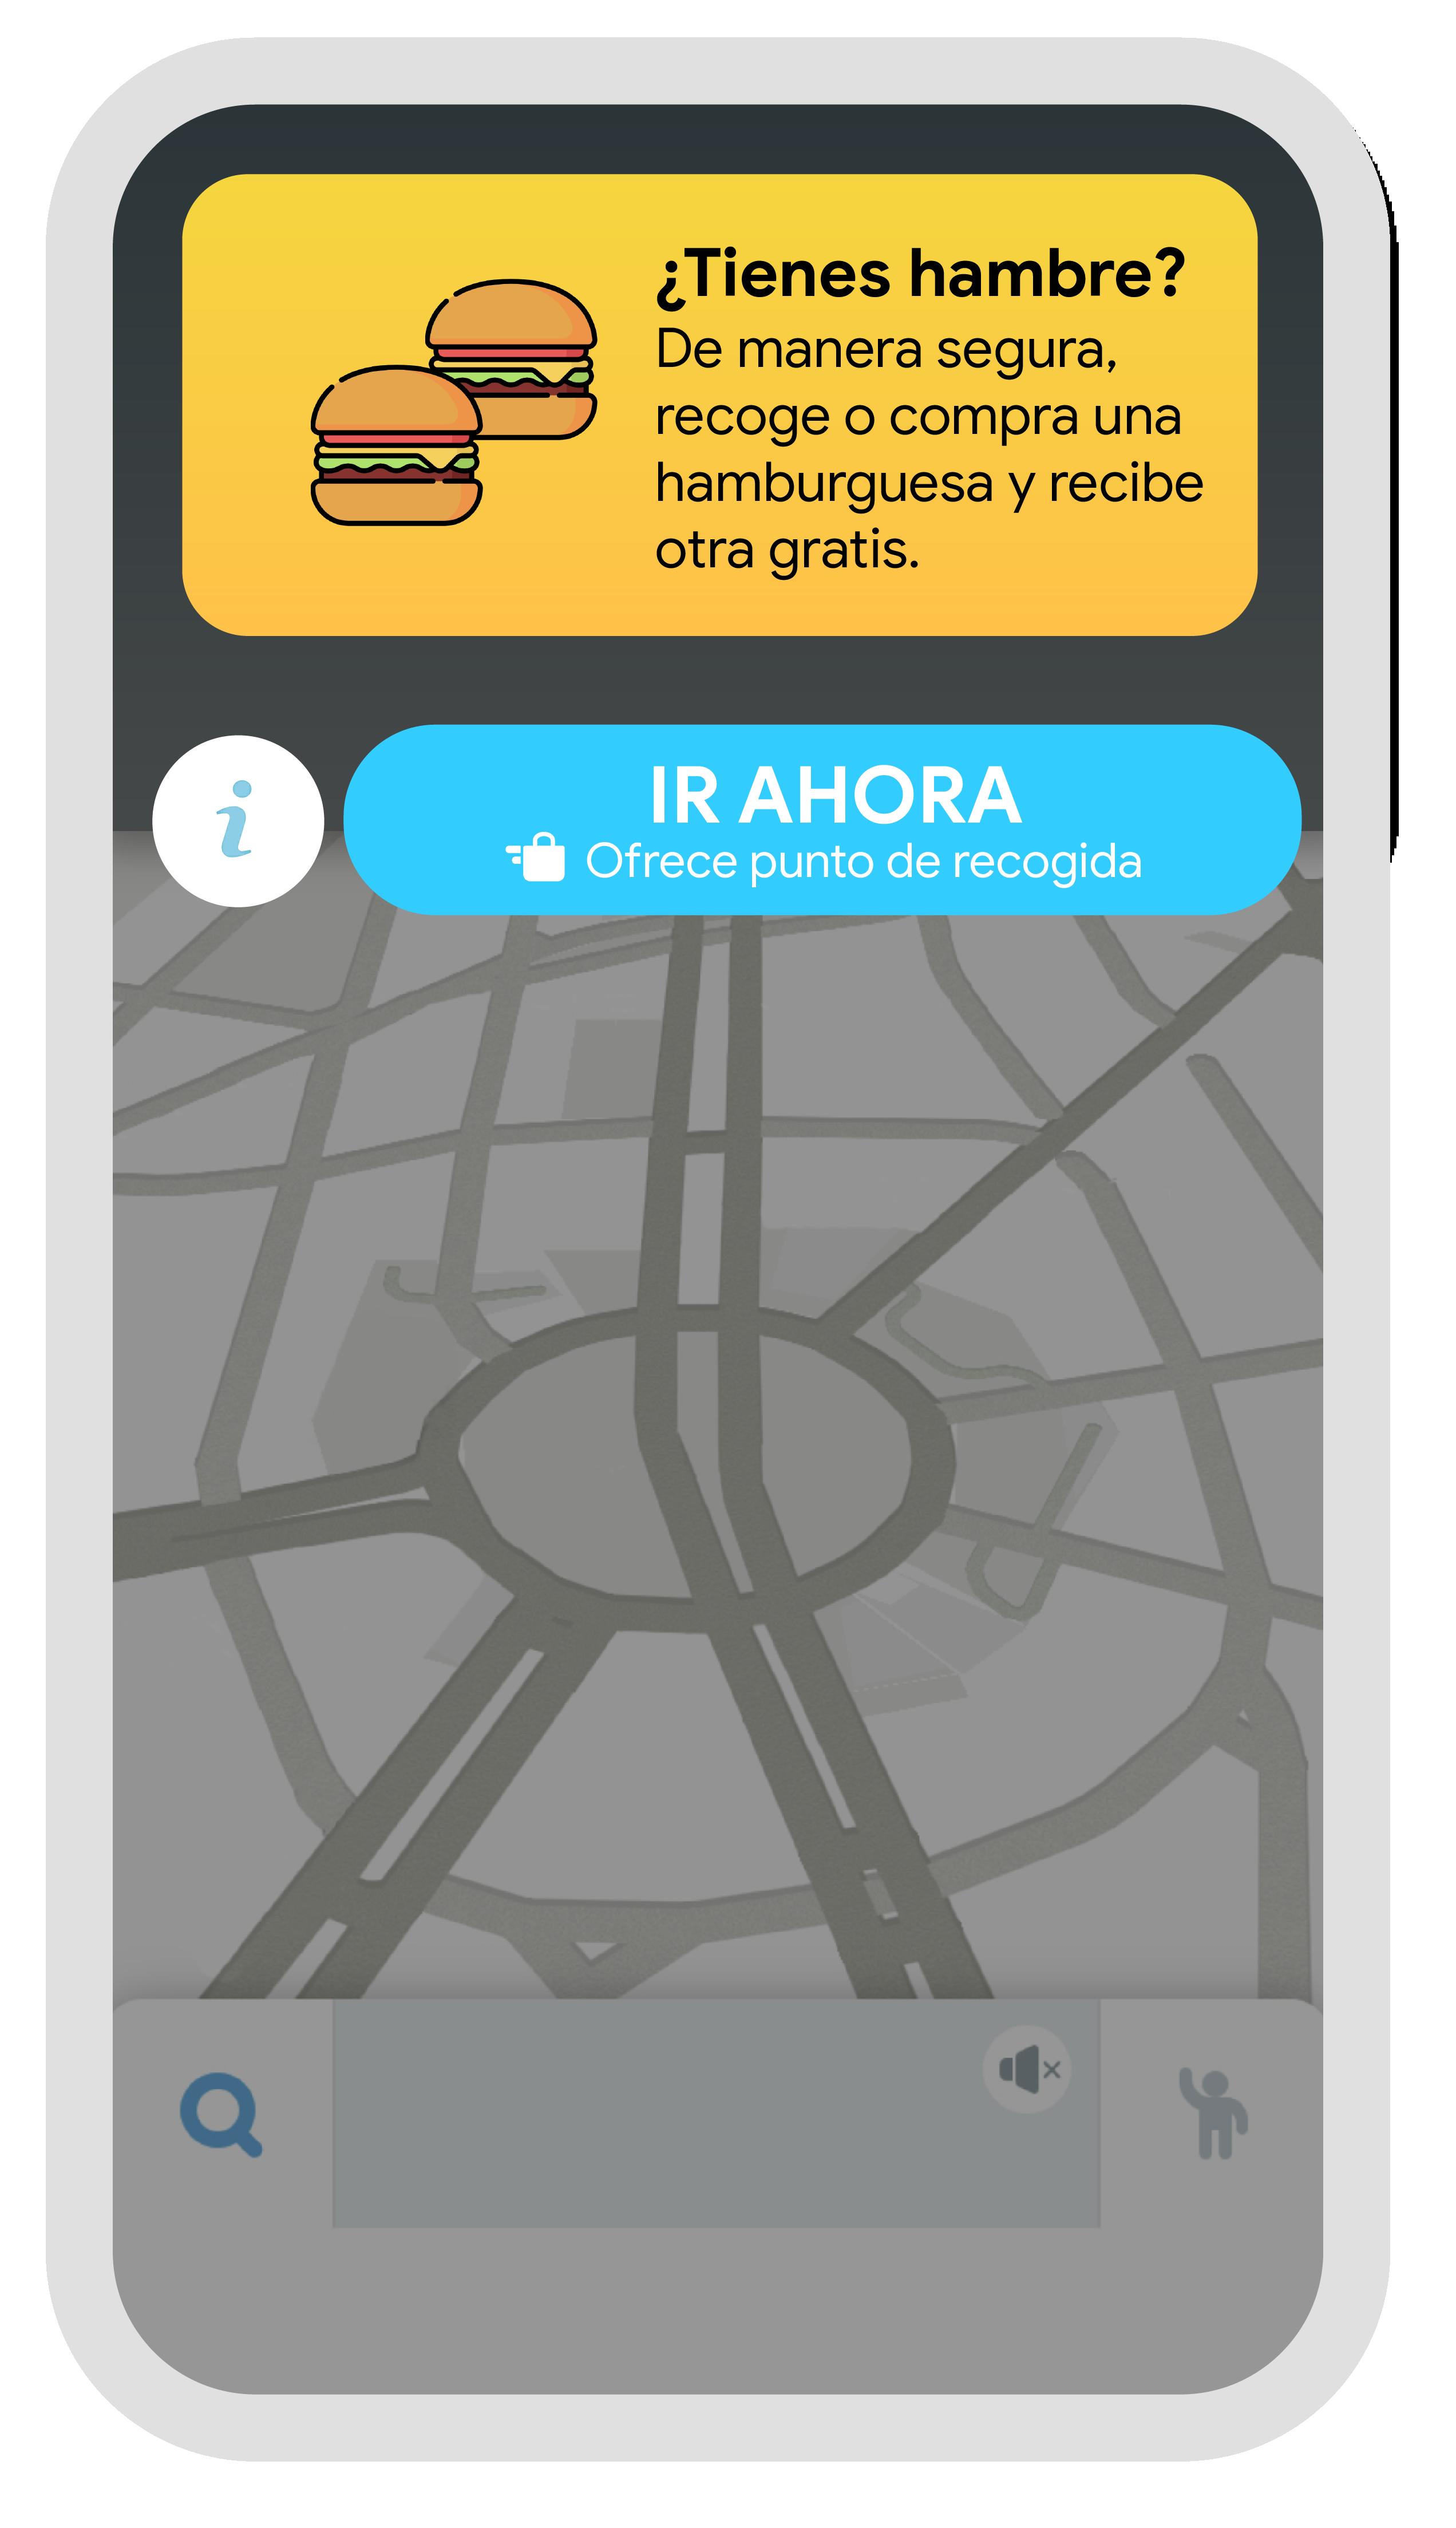 Waze actualizó información sobre los sitios que ofrecen productos con entrega sin que el usuario deba descender del auto para propiciar un contacto mínimo entre personas al adquirir alimentos, medicamentos, y otros productos esenciales.